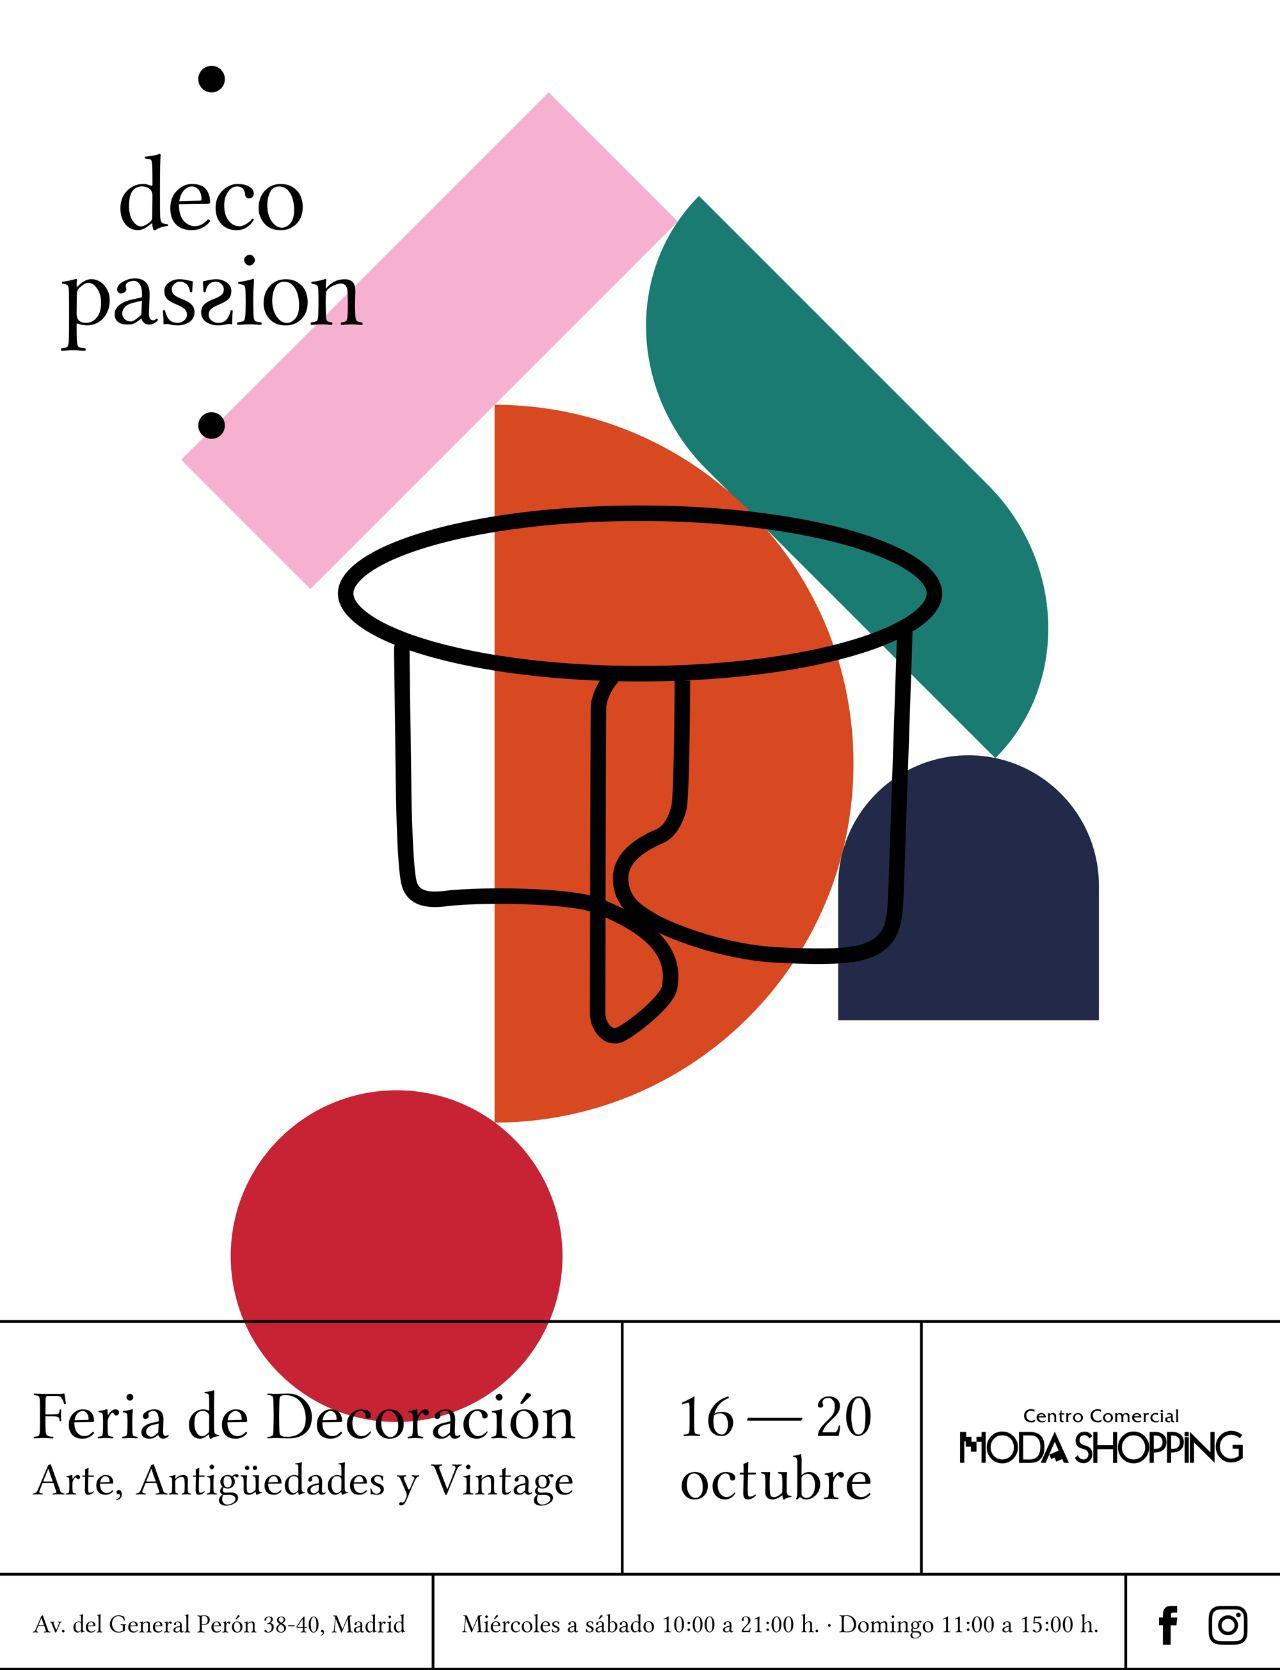 Llega DecoPassion, una nueva feria de decoración, arte, antigüedades y vintage